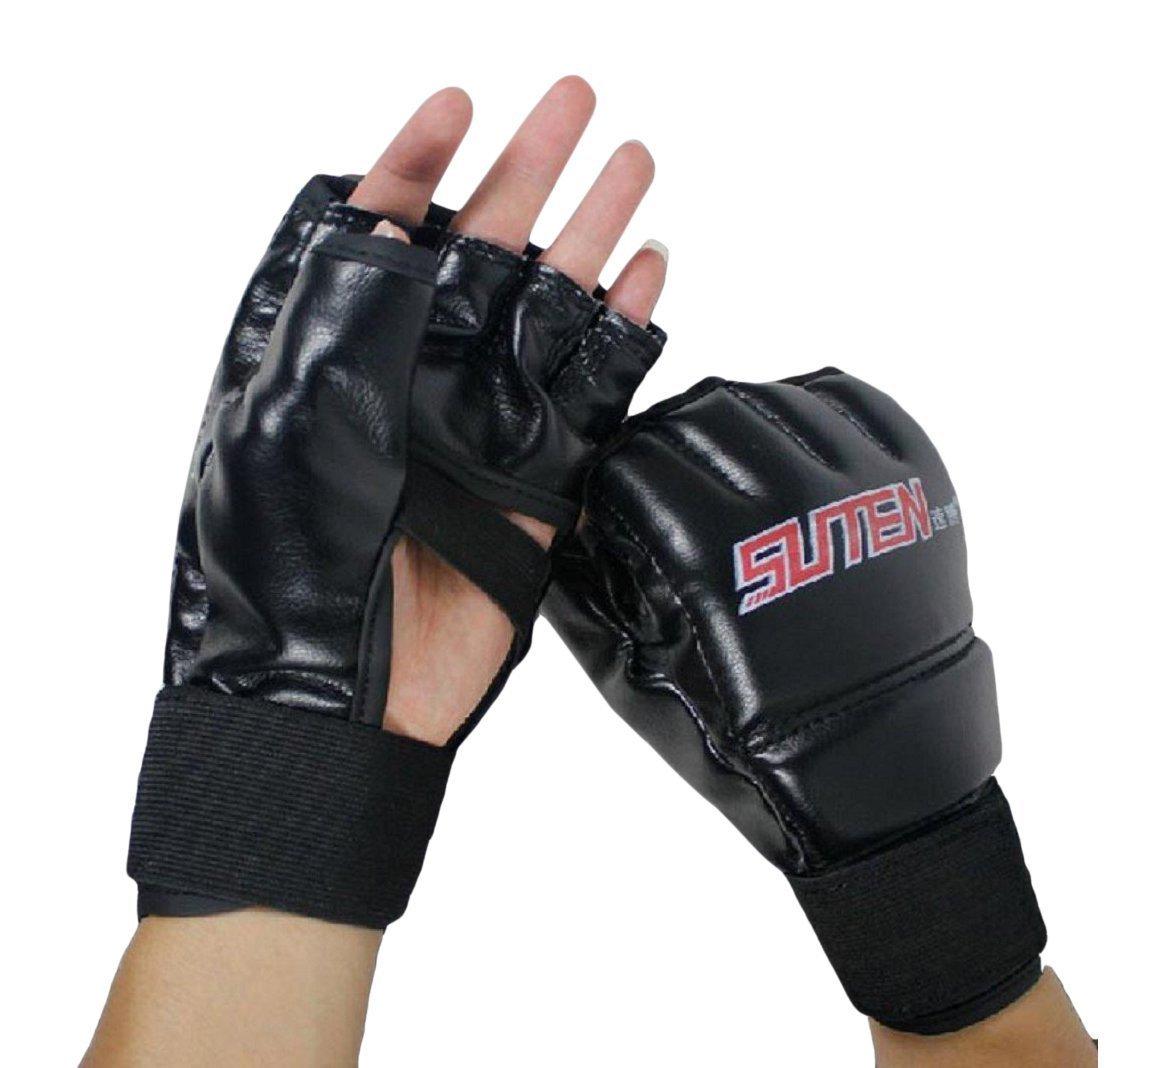 SUTEN MMA Muay Thai Training Punching Bag Half Mitts